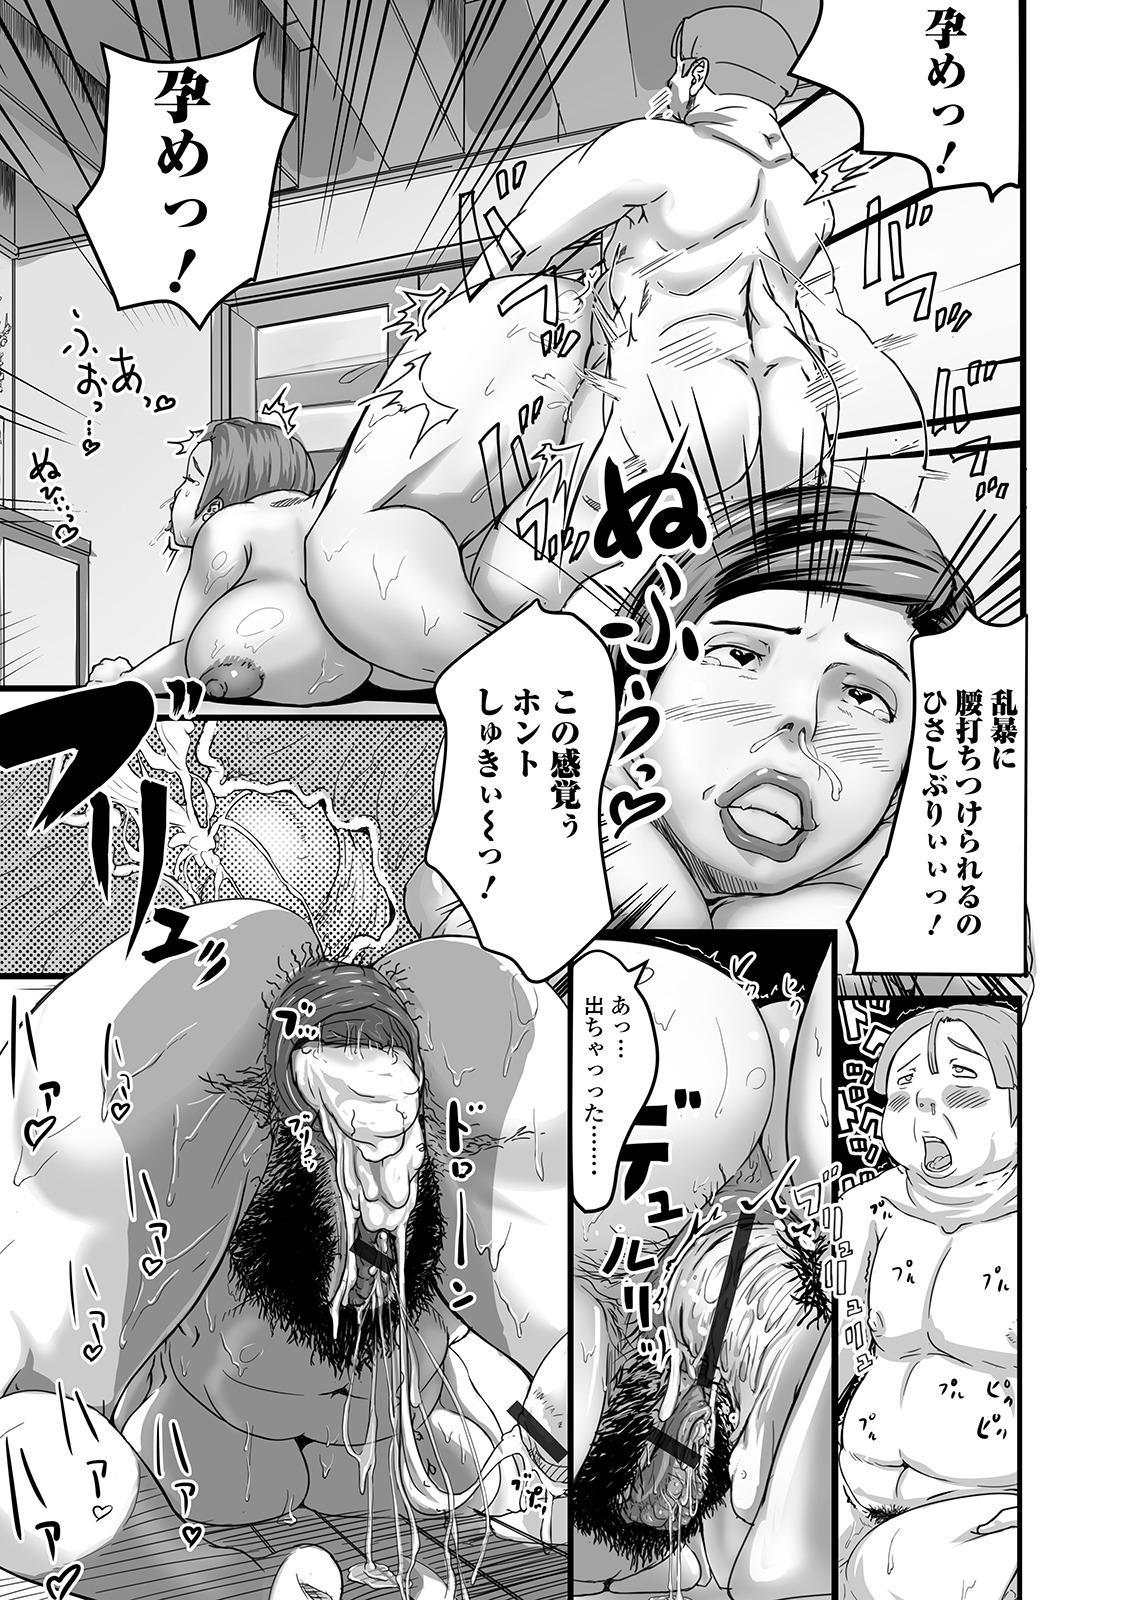 Web Haishin Gekkan Tonari no Kininaru Oku-san Vol. 033 88